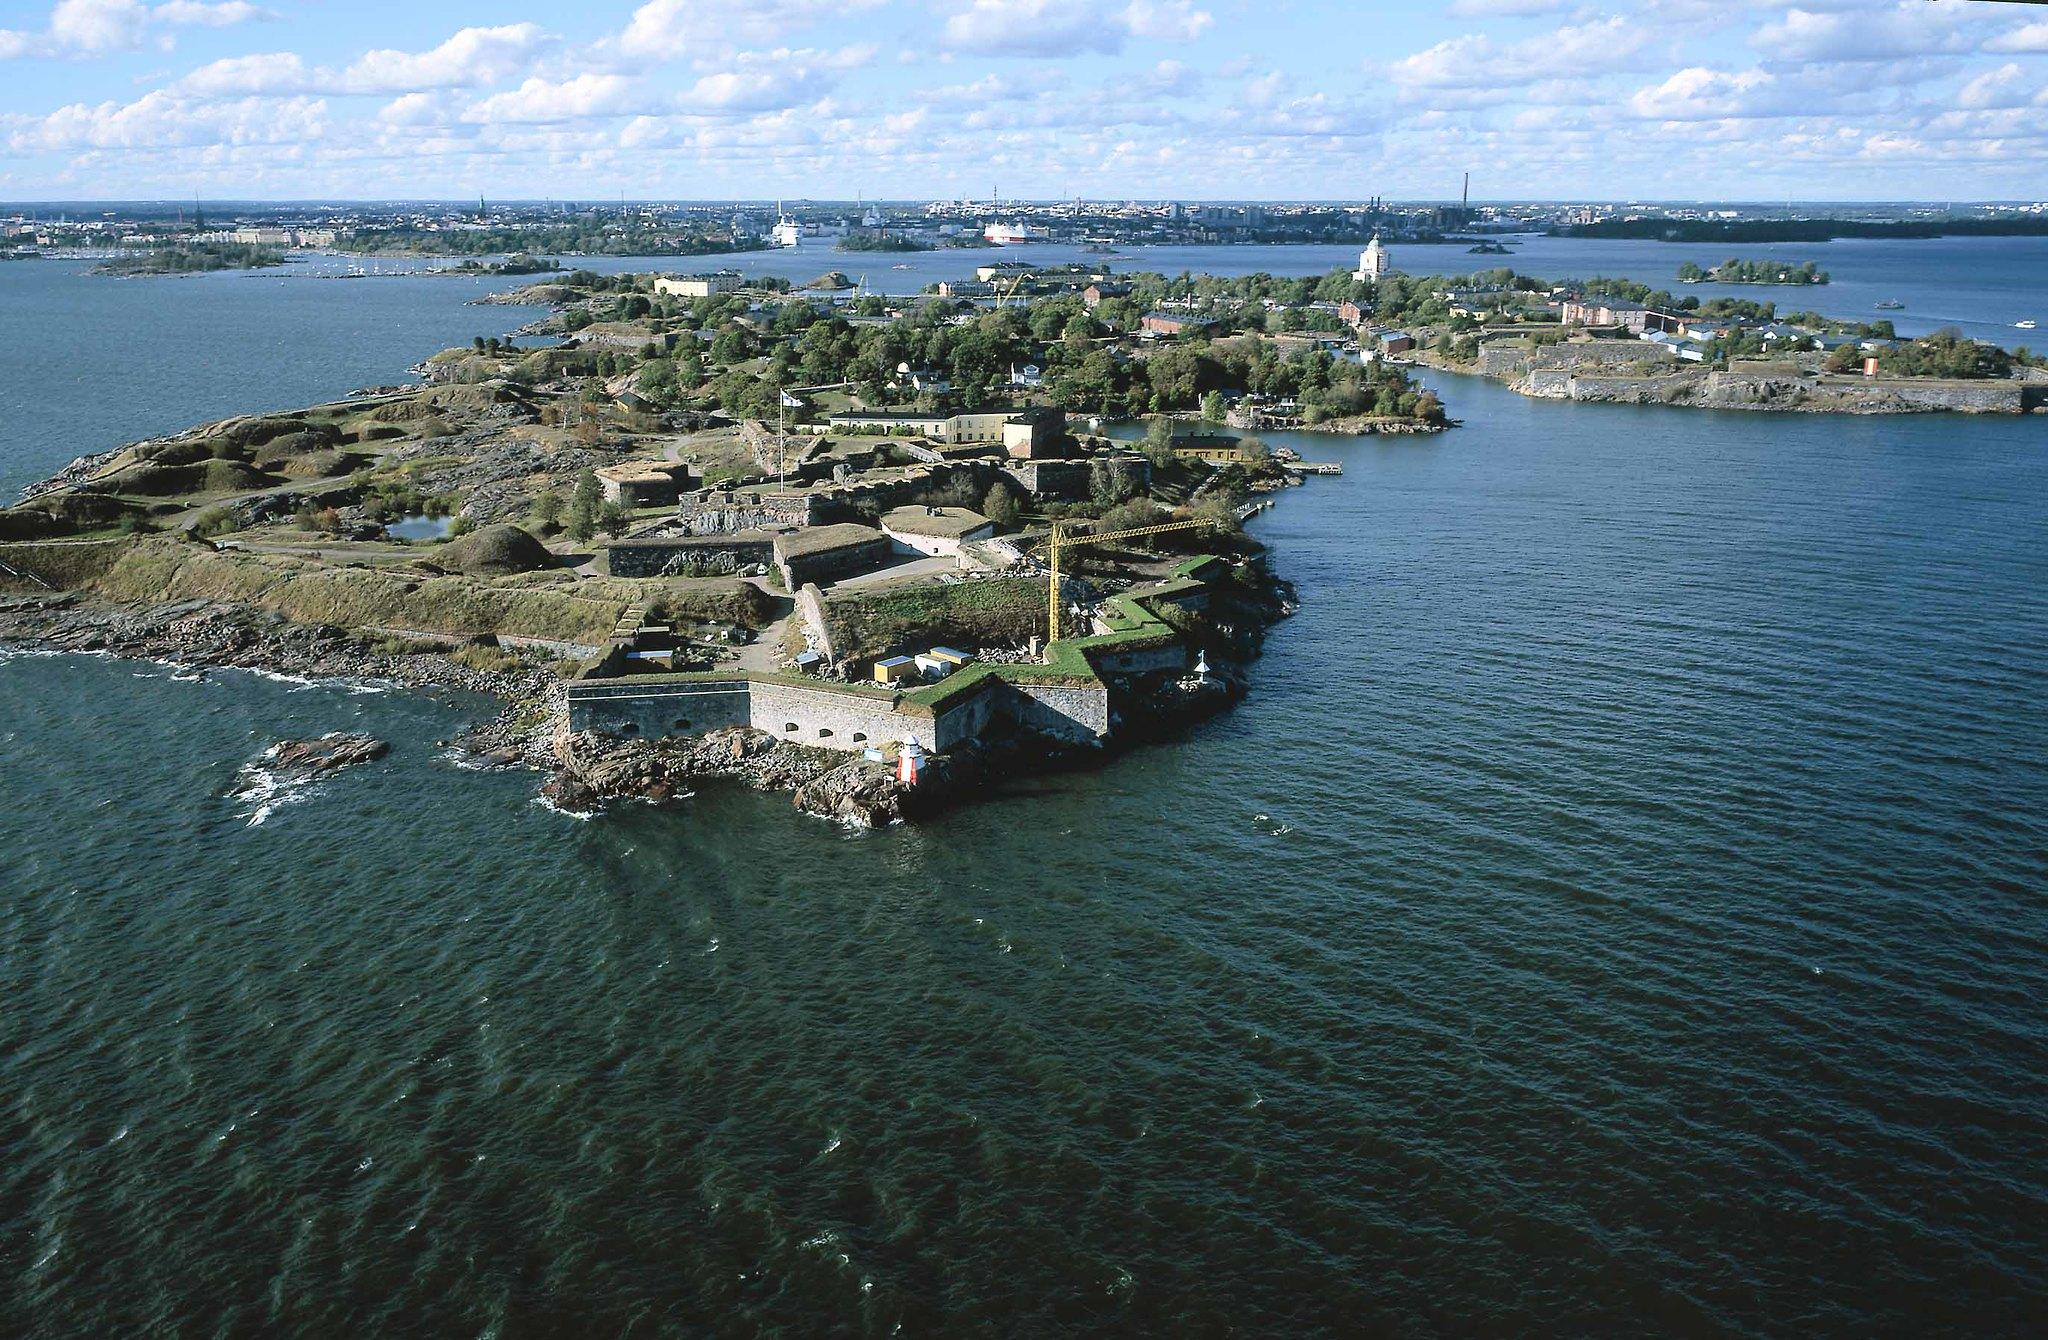 Kuva toimipisteestä: Suomenlinna, P 60° 8,869' ja I 24° 59,262'